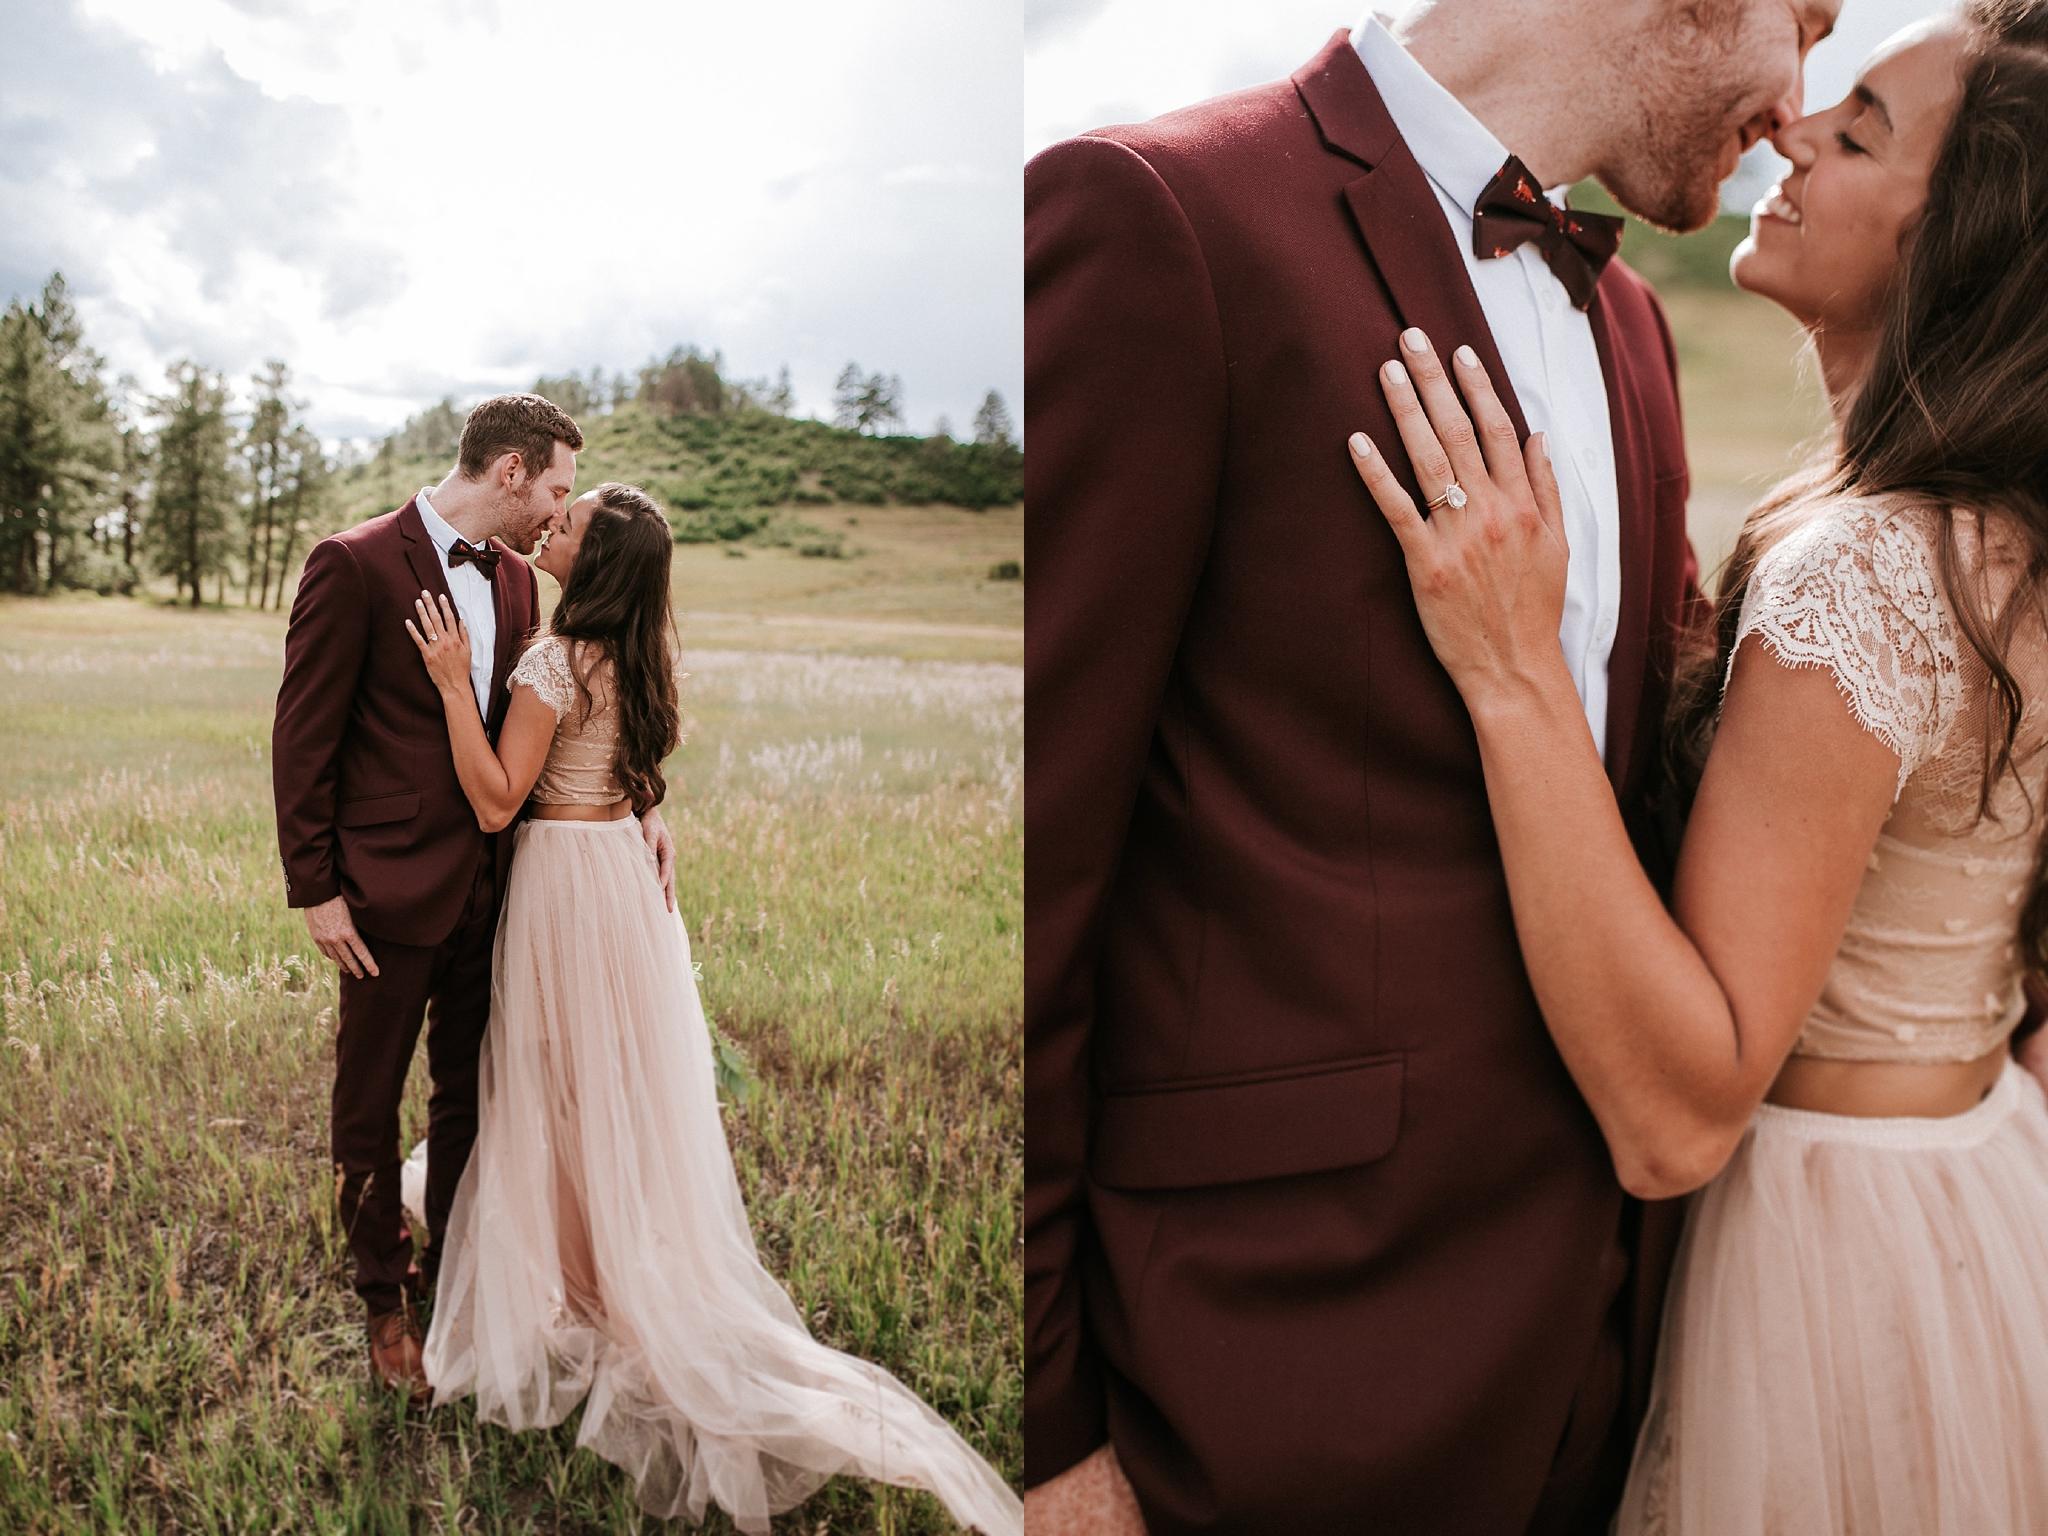 Alicia+lucia+photography+-+albuquerque+wedding+photographer+-+santa+fe+wedding+photography+-+new+mexico+wedding+photographer+-+albuquerque+wedding+-+santa+fe+wedding+-+wedding+gowns+-+non+traditional+wedding+gowns_0011.jpg